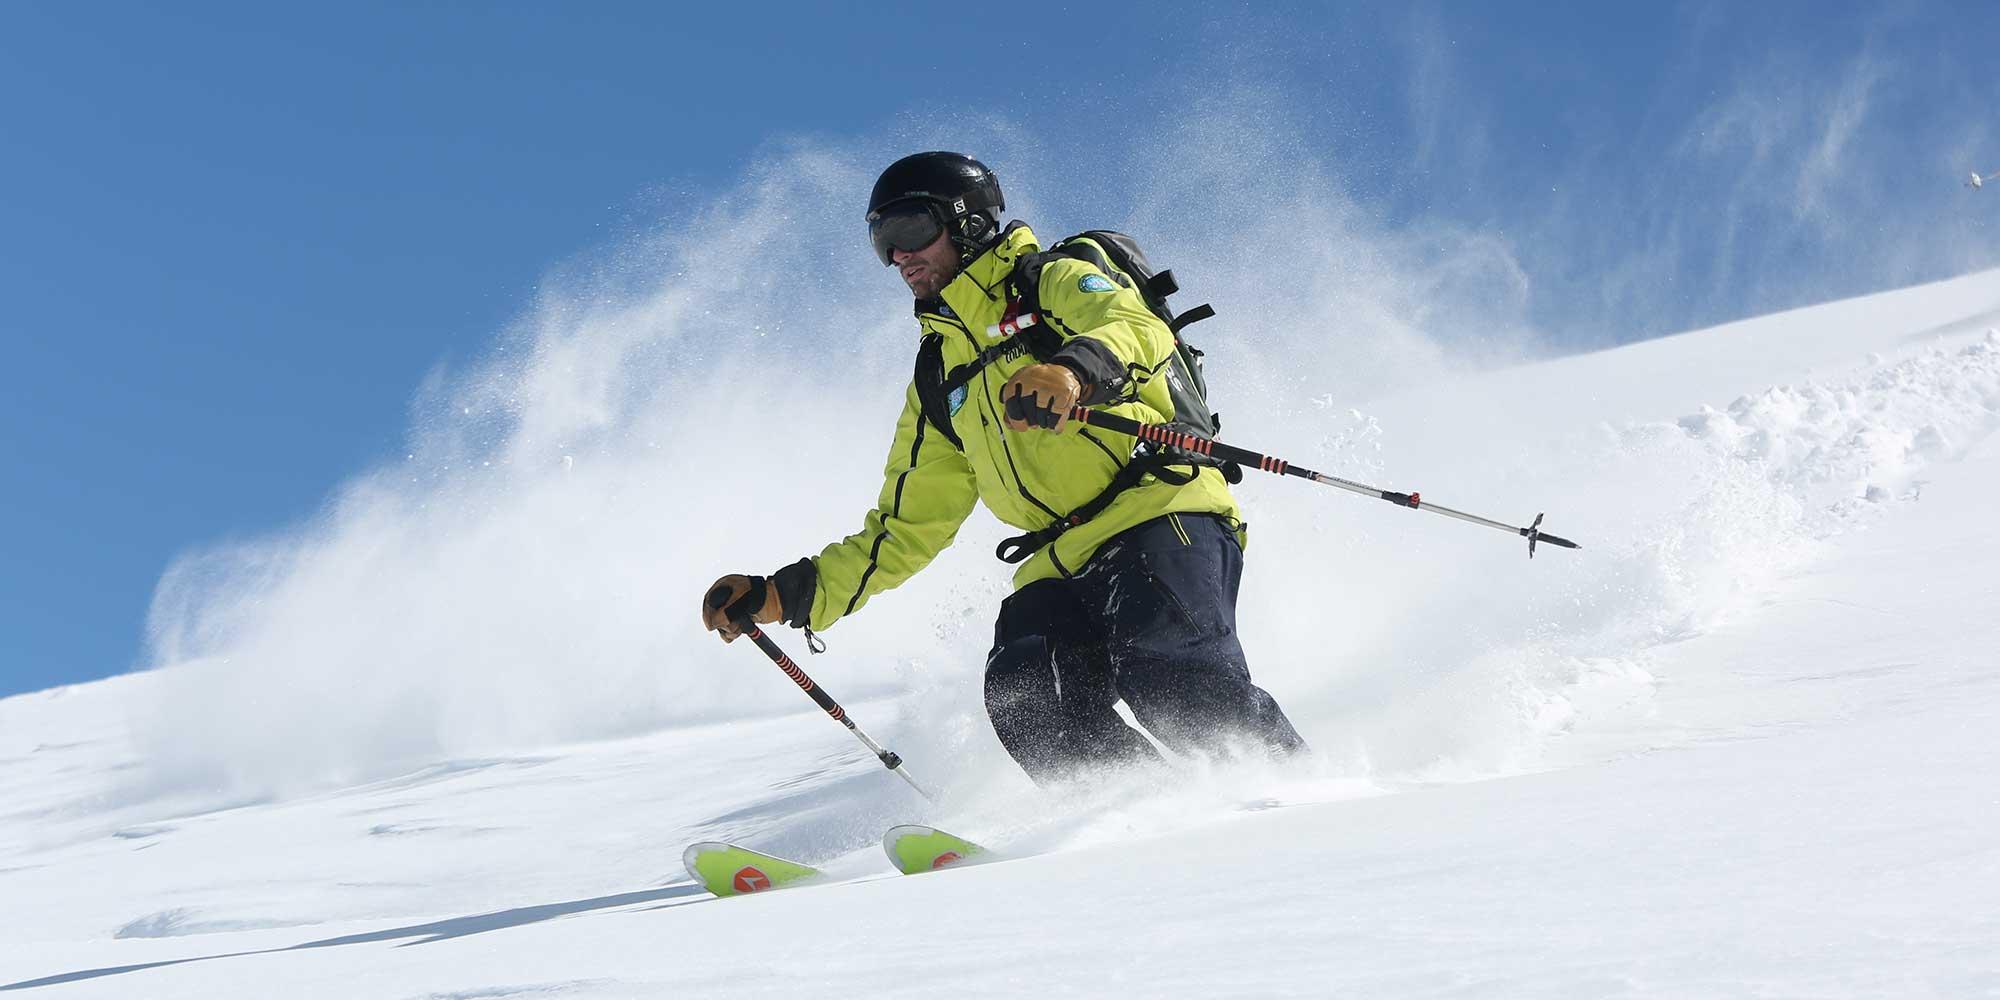 choisir ses batons de ski - Prosneige école de ski